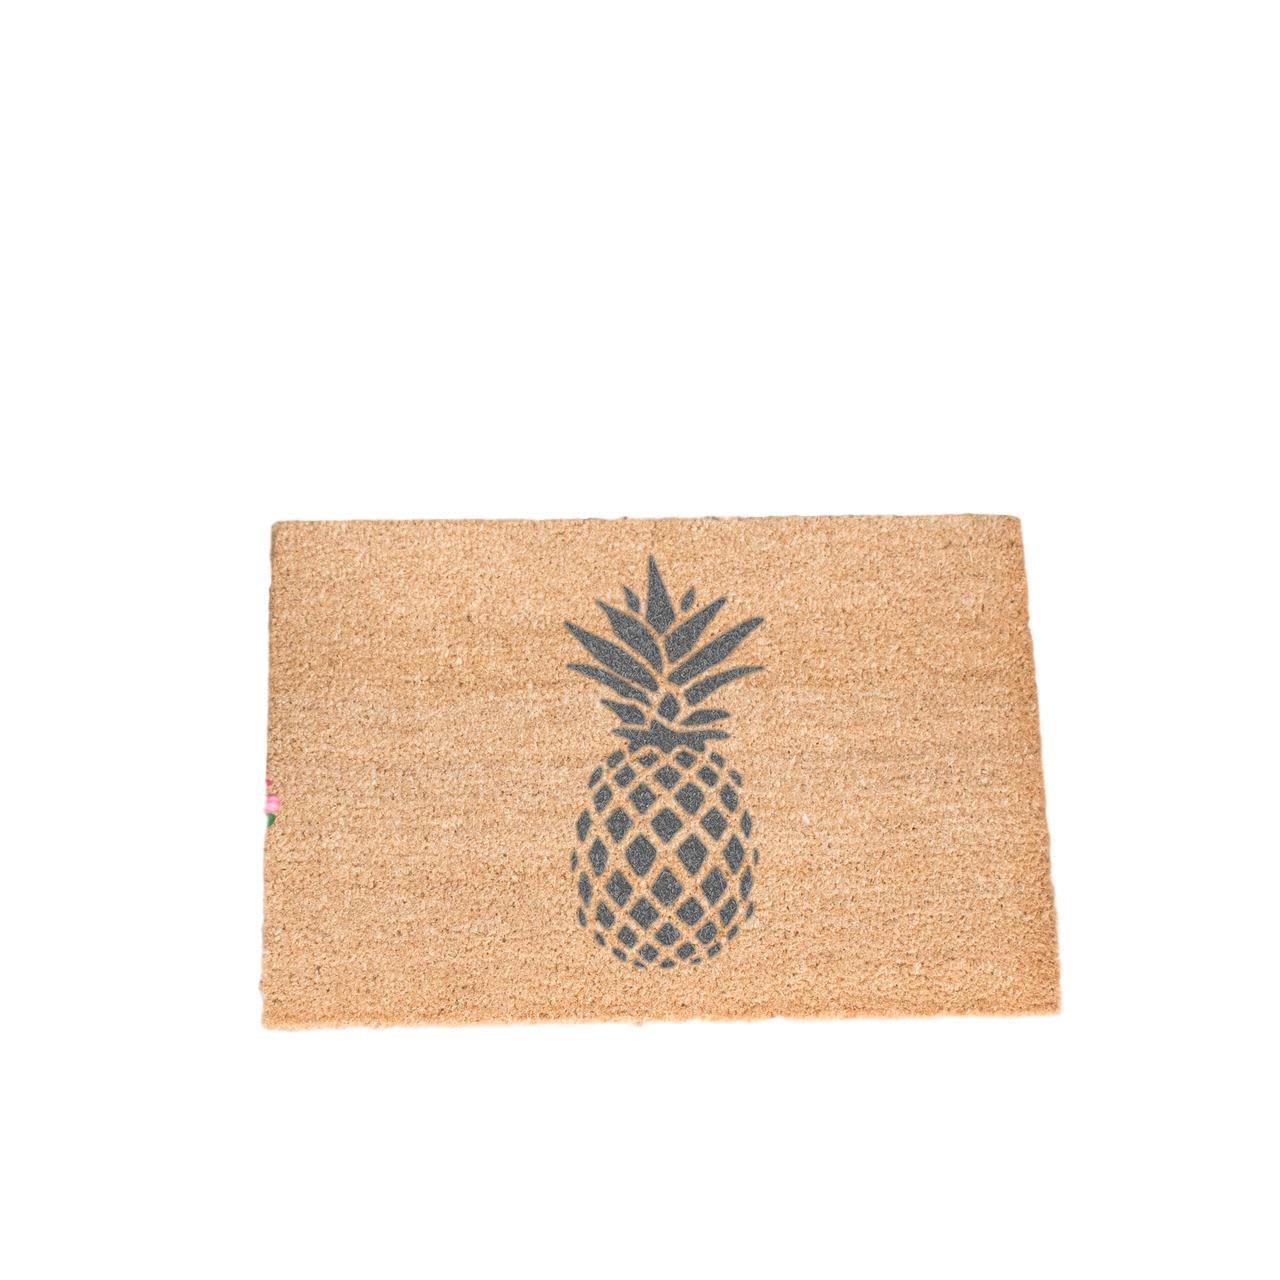 Artsy The Doormat Company Grey Pineapple Doormat